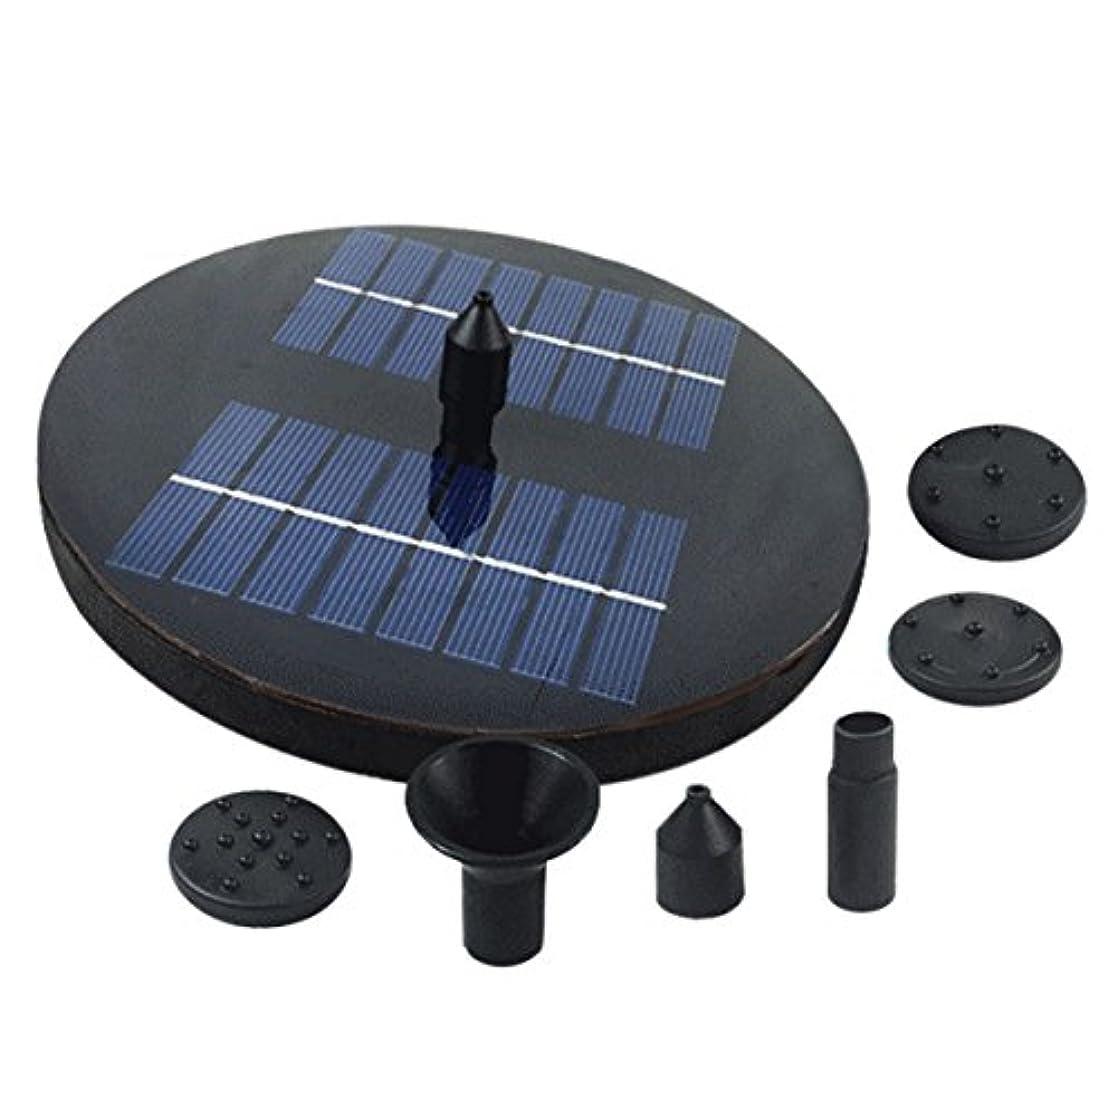 想像力転用操るOUNONA 噴水ポンプ ポンプ ソーラー パネル 省エネ 噴水 庭 池 ガーデン 芝生 LEDライト付き 1.6w